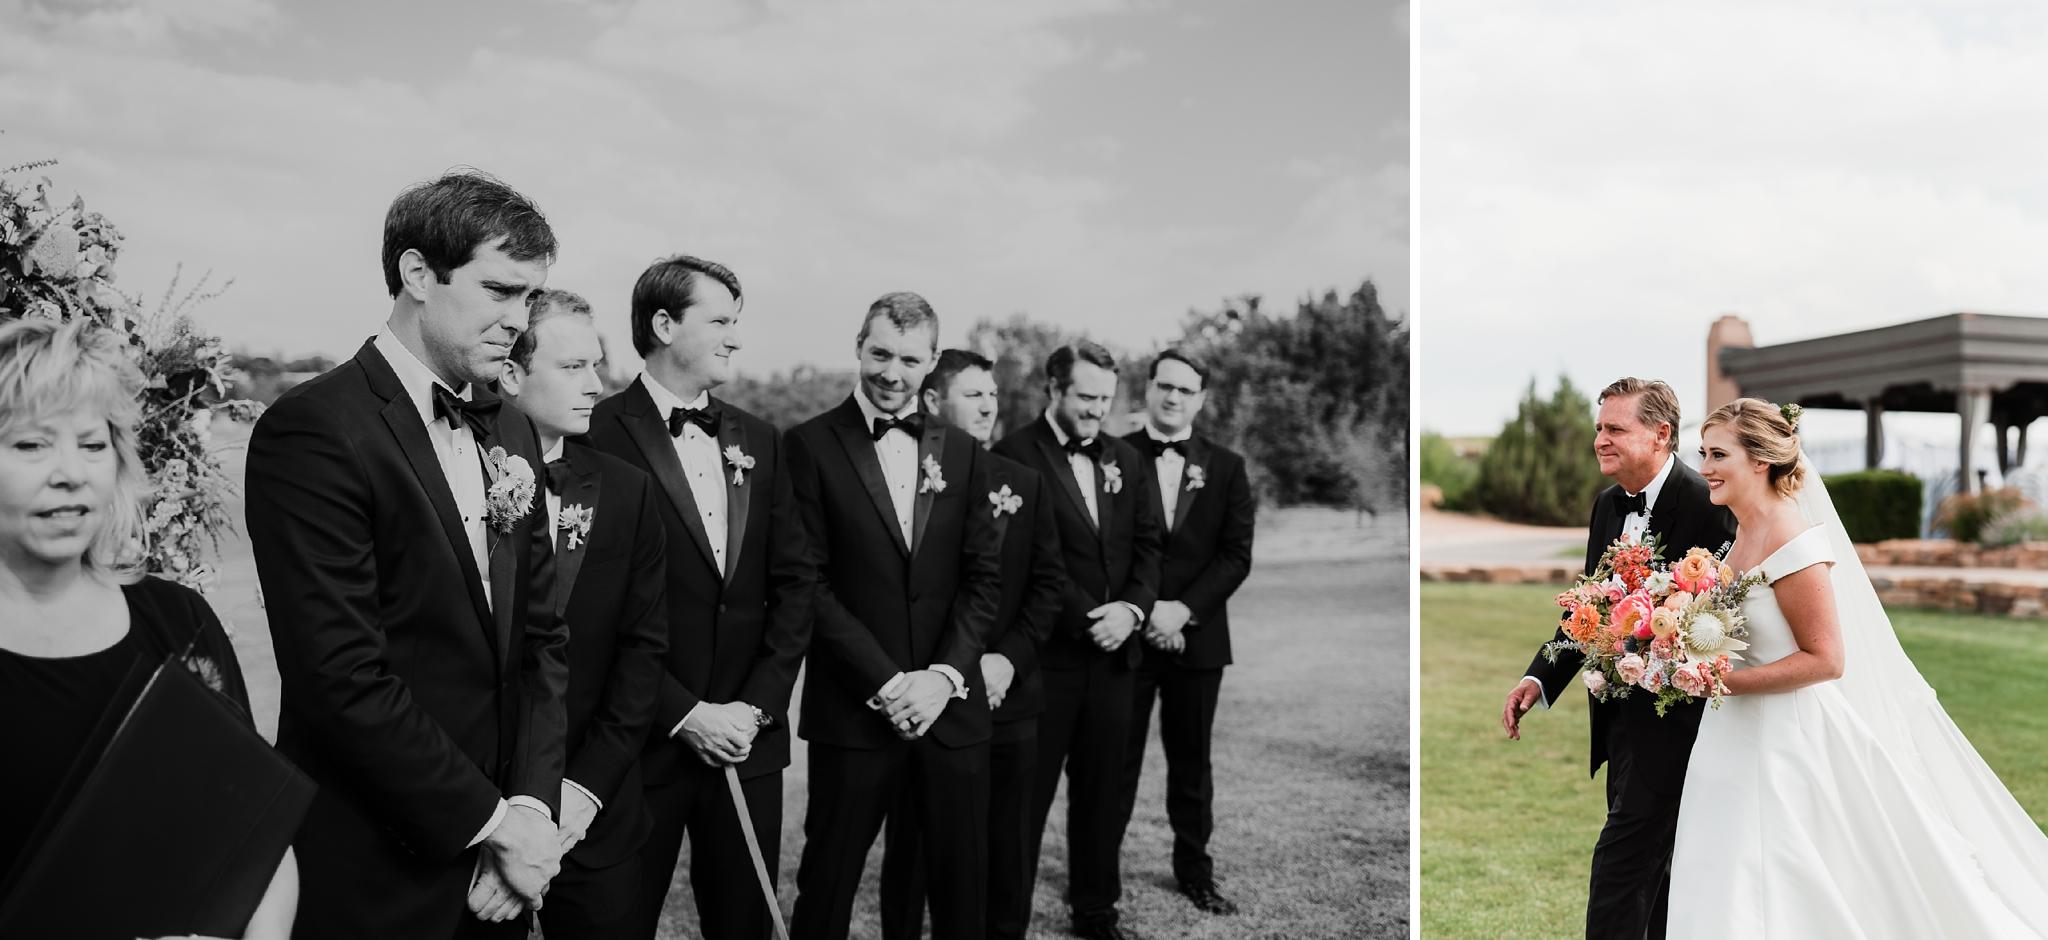 Alicia+lucia+photography+-+albuquerque+wedding+photographer+-+santa+fe+wedding+photography+-+new+mexico+wedding+photographer+-+new+mexico+wedding+-+las+campanas+wedding+-+santa+fe+wedding+-+maximalist+wedding+-+destination+wedding_0056.jpg